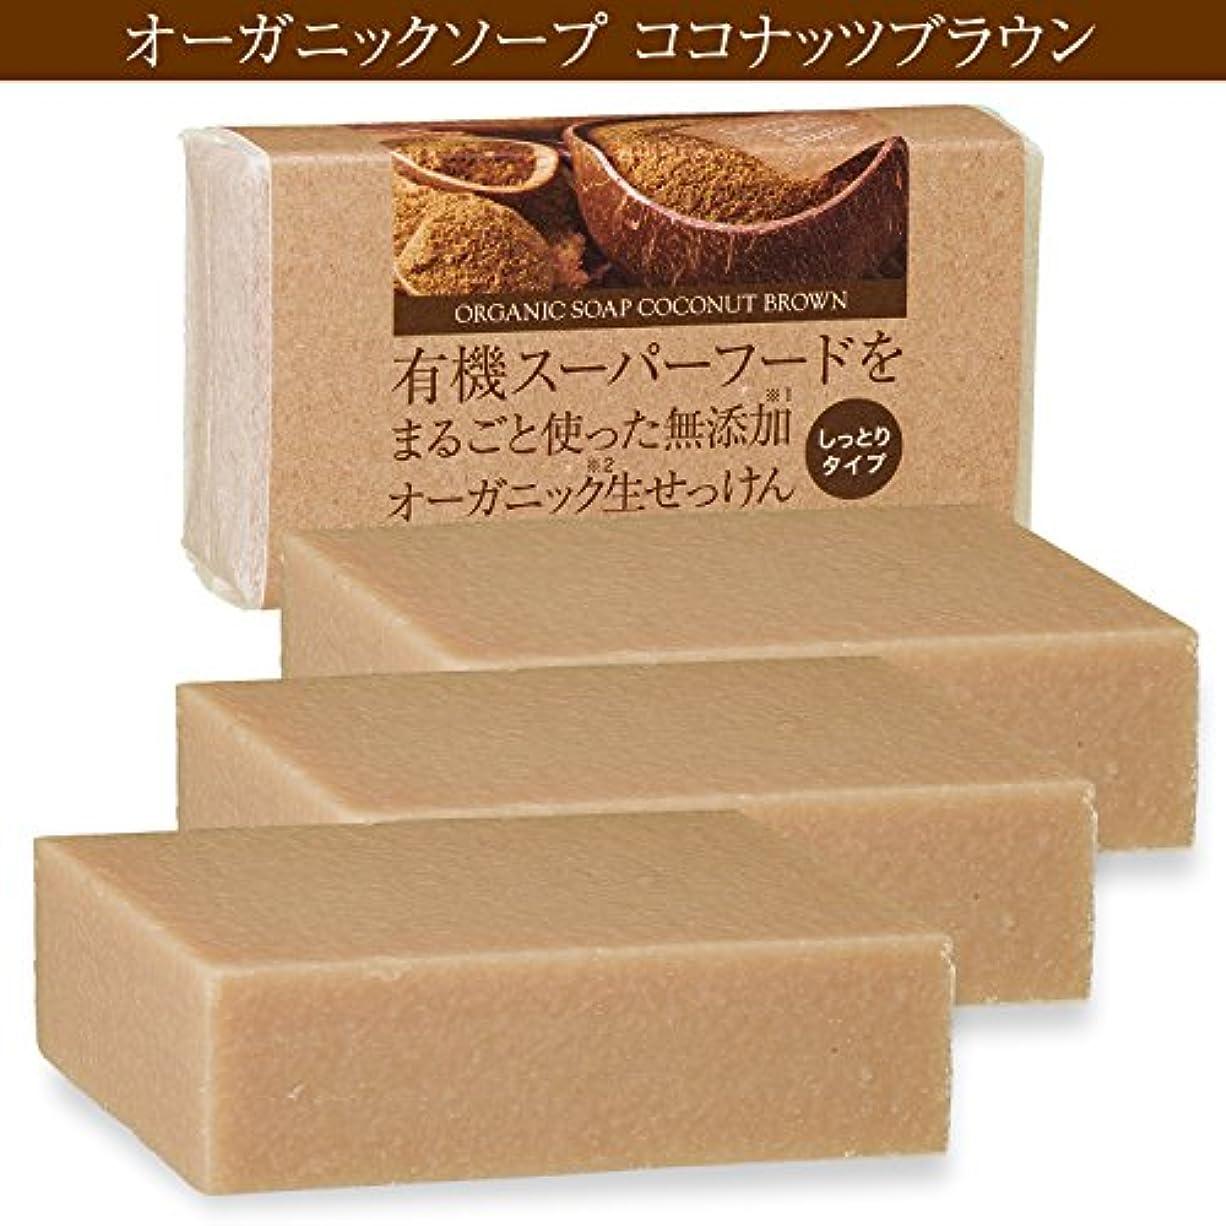 騒ぎ安心アンカーココナッツシュガー石鹸 3個 有機ココナッツオイルをまるごと使った無添加オーガニック生せっけん(枠練)Organic Raw Soap Coconut Brown 80g コールドプロセス製法 (日本製) メール便